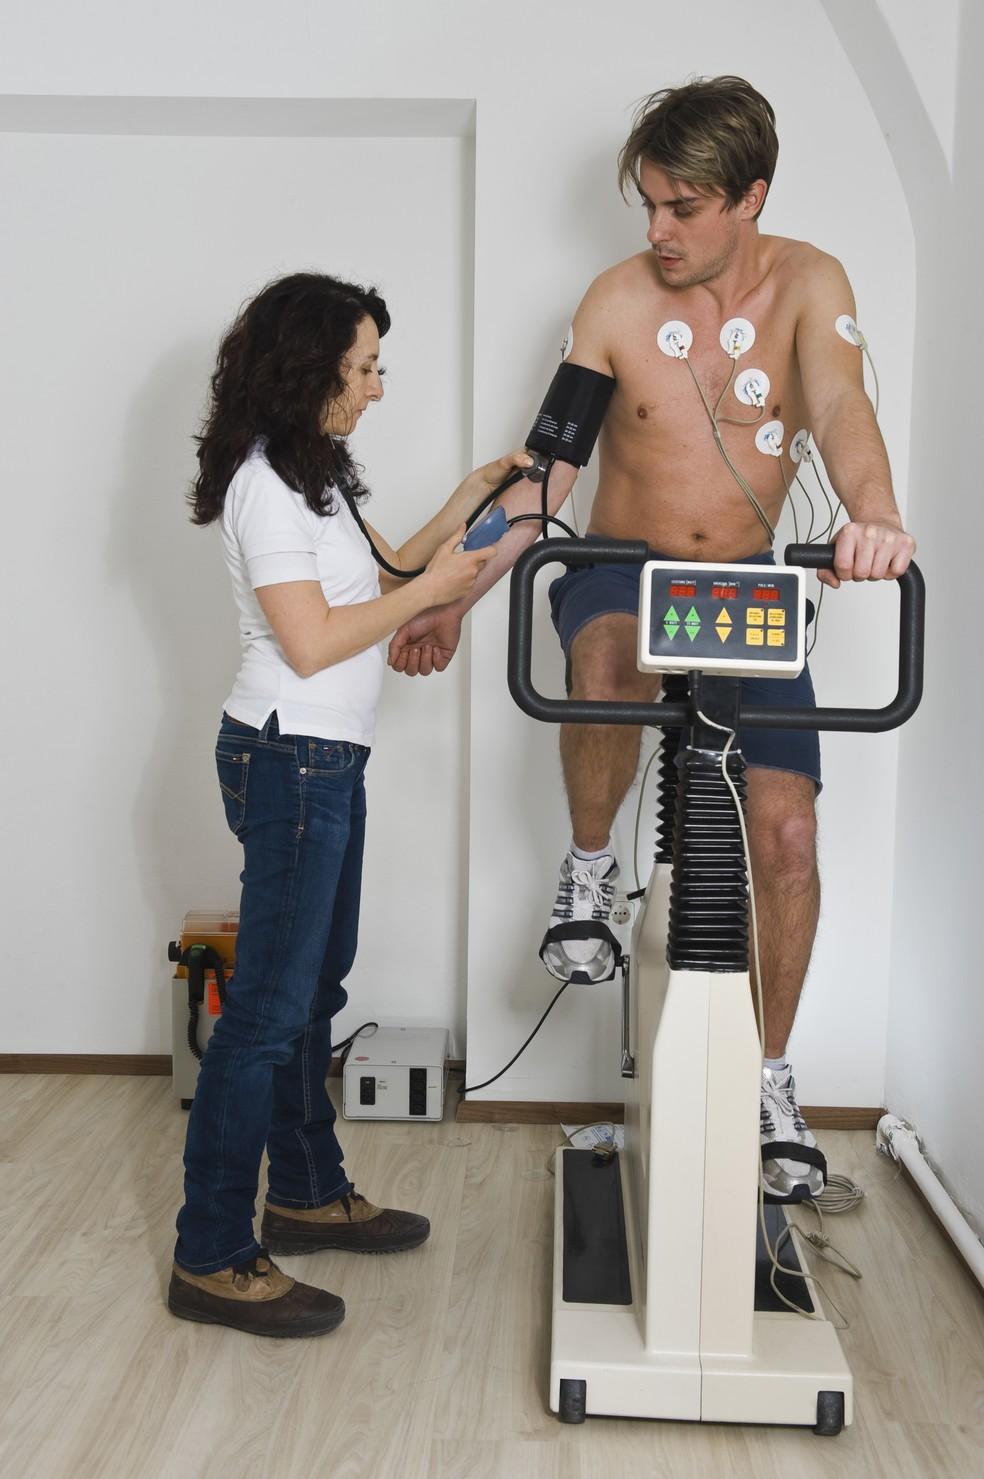 O teste ergométrico deve ser feito por todo esportista de mais de 40 anos e, a critério médico, mesmo os mais jovens podem precisar realizá-lo — Foto: Getty Images